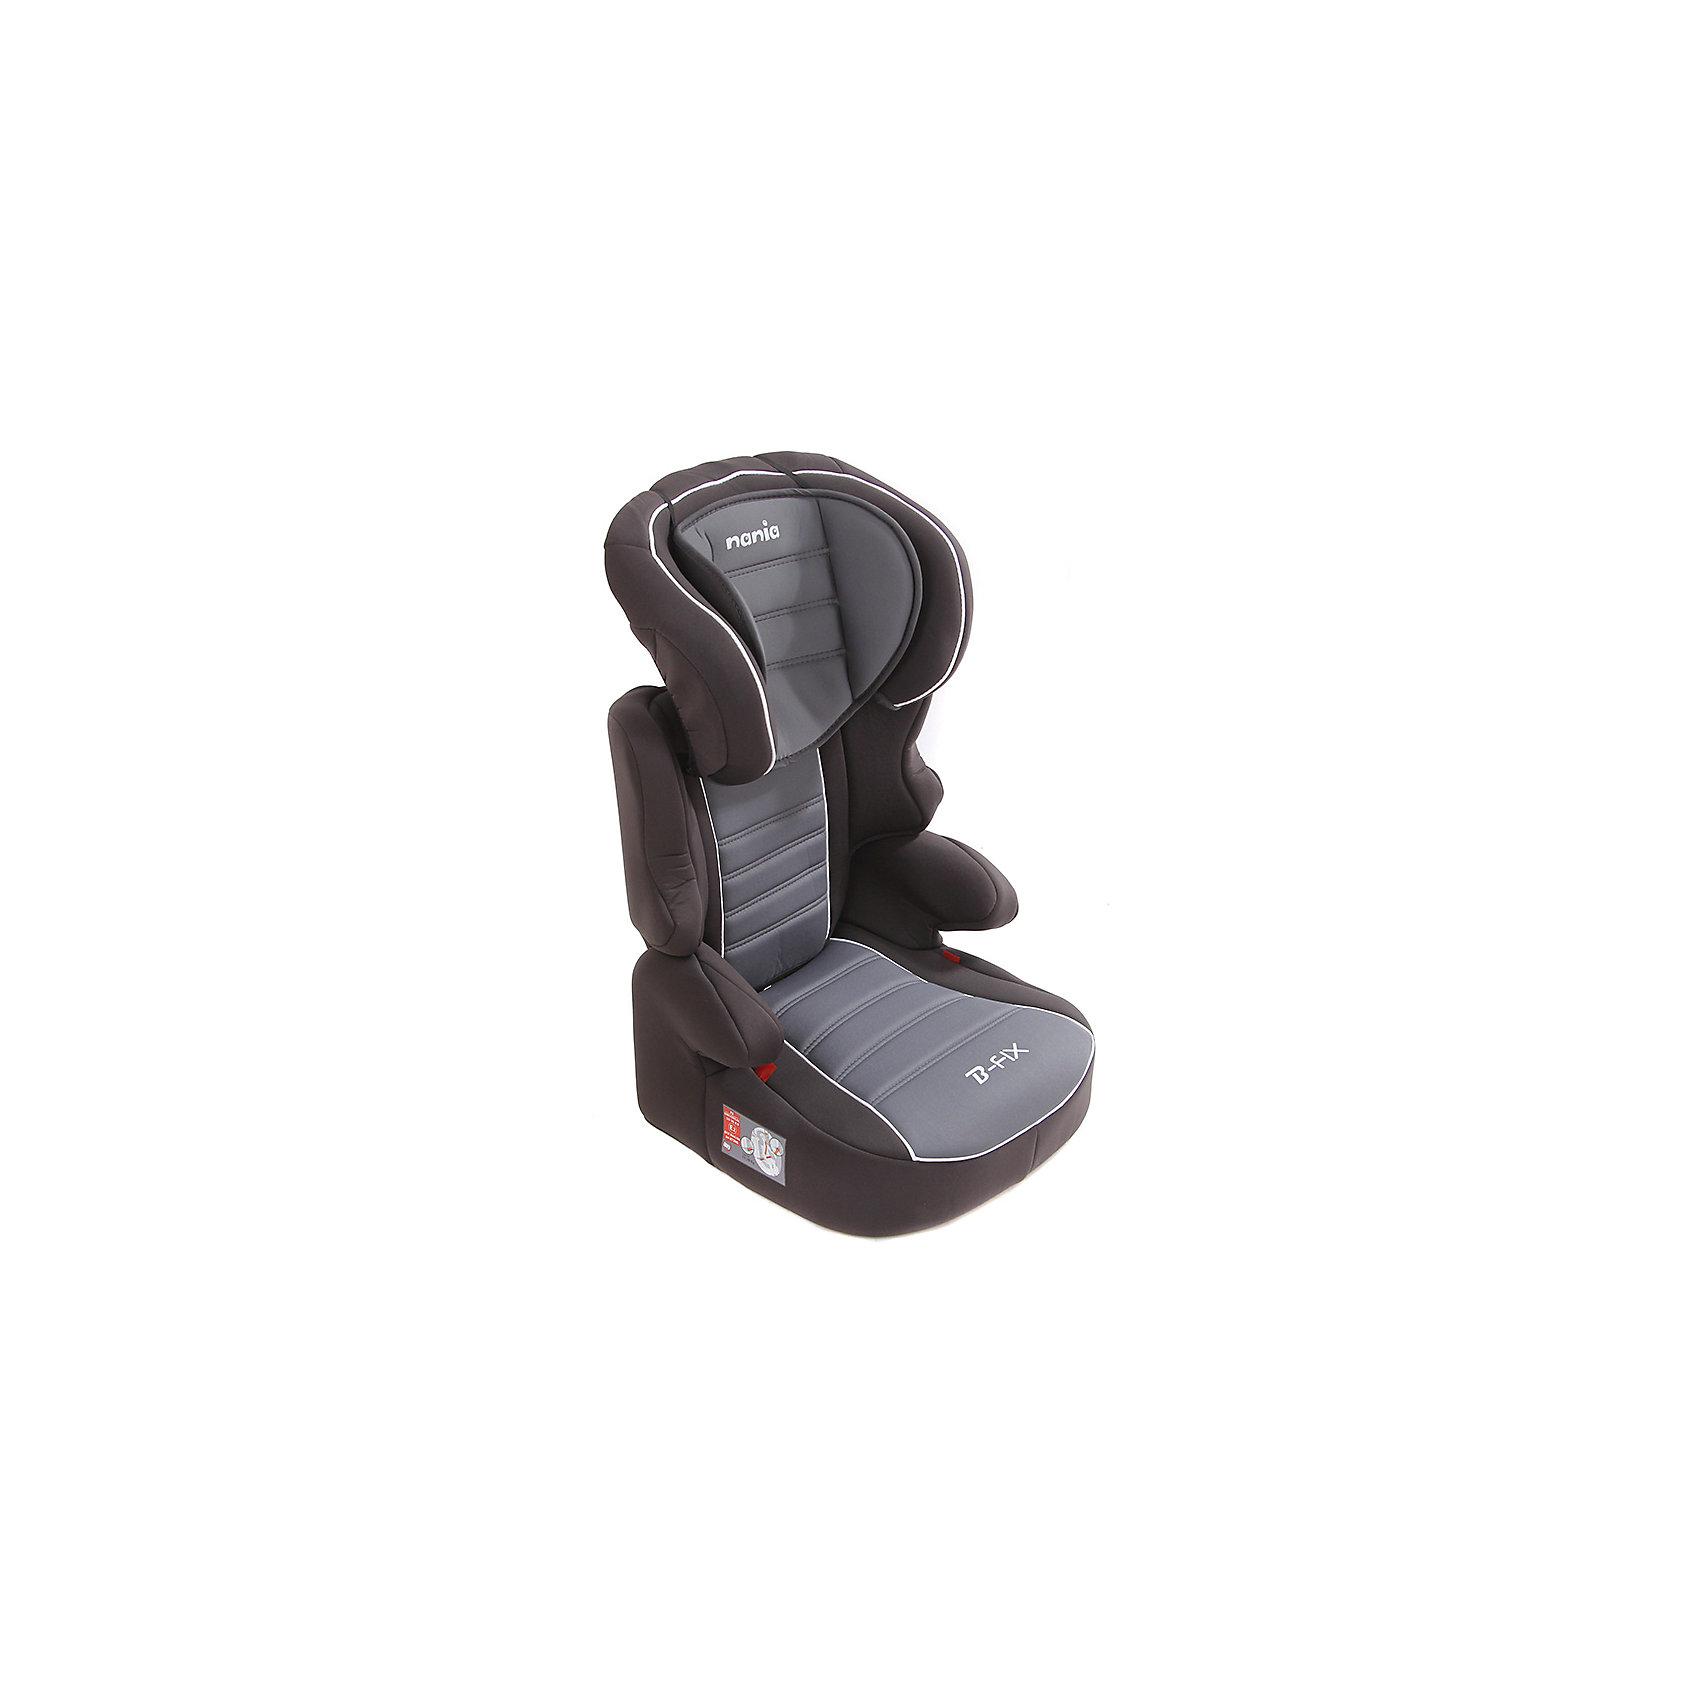 Автокресло BEFIX SP LX 18-36 кг, AGORA STORM MAMAX2, NaniaАвтокресло состоит из двух частей: съемная спинка и сиденье. Спинка включает в себя 6 регулируемых позиций подголовника. <br> Кресло было специально разработано согласно самым жестким требованиям безопасности ребенка, а также учитывая ортопедические требования: мягкая приятная на ощупь обивка и анатомичная форма. Ваш малыш будет чувствовать себя комфортно даже в поездках на самые дальние расстояния.<br><br>Характеристики:<br>- Группа: 2-3 (от 15 до 36 кг).<br>- Состоит из двух частей: съемная спинка и сиденье. <br>- Спинка включает в себя регулируемый подголовник (существует шесть позиций высоты подголовника).<br>- Автокресло было разработано согласно самым жестким требованиям безопасности, а также учитывая ортопедические факторы: мягкая приятная на ощупь обивка и анатомическая форма.<br>- Широкие мягкие подголовник, спинка и подлокотники обеспечат дополнительный комфорт и безопасность маленького пассажира даже в случае бокового столкновения.<br>- Высоту подголовника можно регулировать по высоте, кресло растет вместе с Вашим ребенком.<br>- Все тканевые части легко снимаются и стираются.<br><br>Дополнительная информация:<br><br>- Возраст: от 4 до 10 лет.<br>- Материал: пластик, текстиль.<br>- Цвет: серый.   <br>- Размер упаковки: 44х66х53 см.<br>- Вес в упаковке: 4200 кг.<br><br>Купить автокресло BEFIX SP LX 18-36 кг, AGORA STORM MAMAX2 в сером цвете, можно в нашем магазине.<br><br>Ширина мм: 440<br>Глубина мм: 660<br>Высота мм: 530<br>Вес г: 4200<br>Возраст от месяцев: 36<br>Возраст до месяцев: 144<br>Пол: Унисекс<br>Возраст: Детский<br>SKU: 4828304